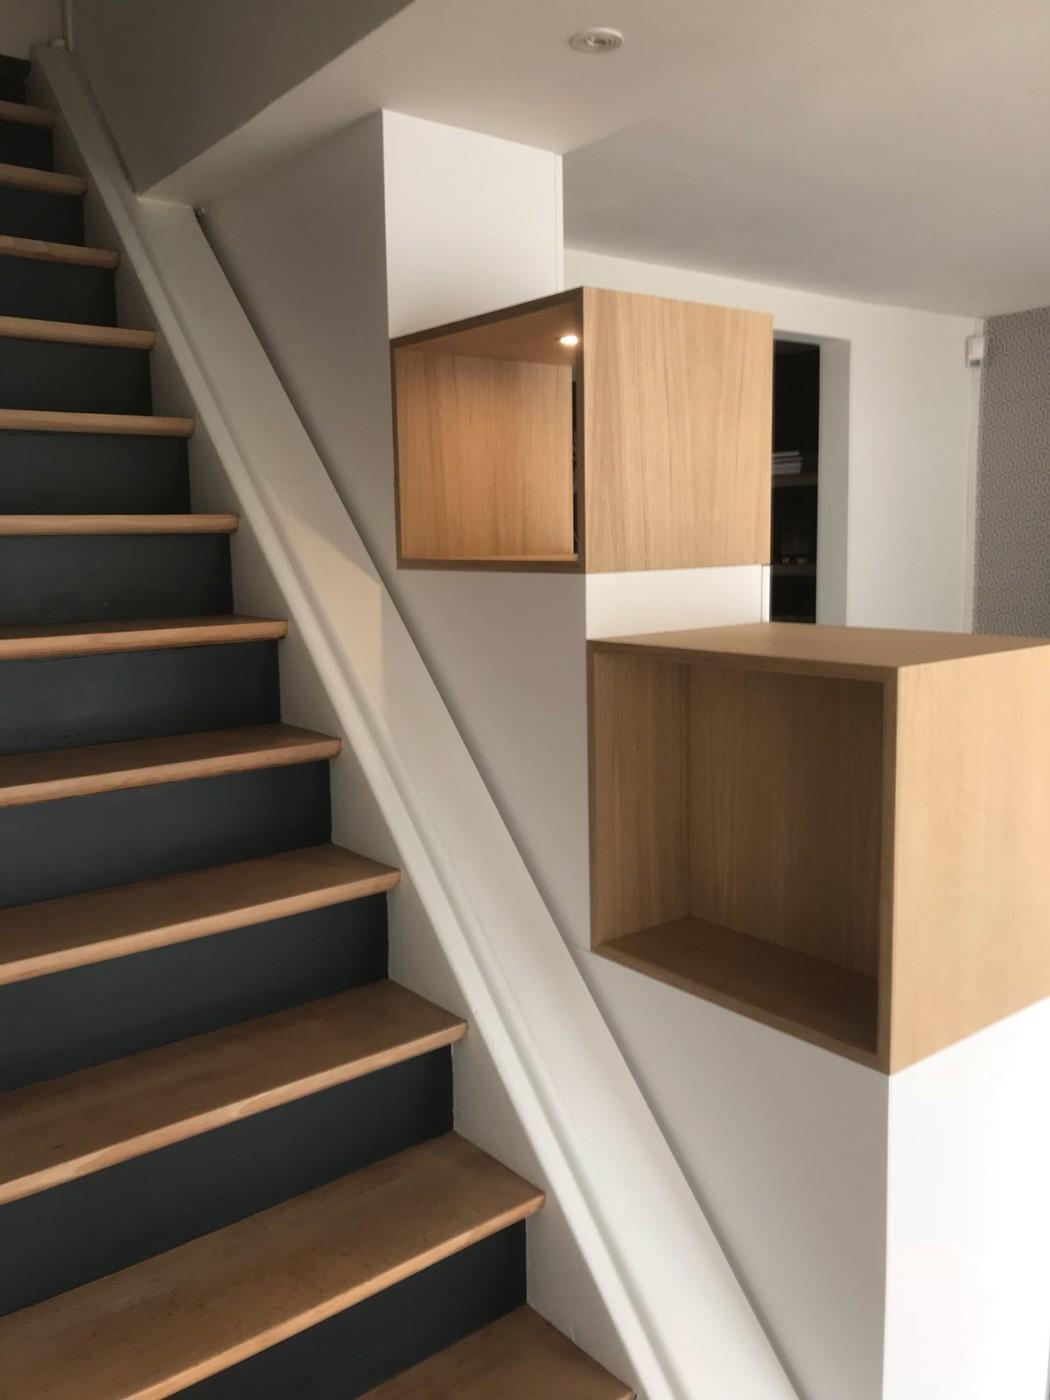 meuble escalier cool meuble escalier with meuble escalier. Black Bedroom Furniture Sets. Home Design Ideas